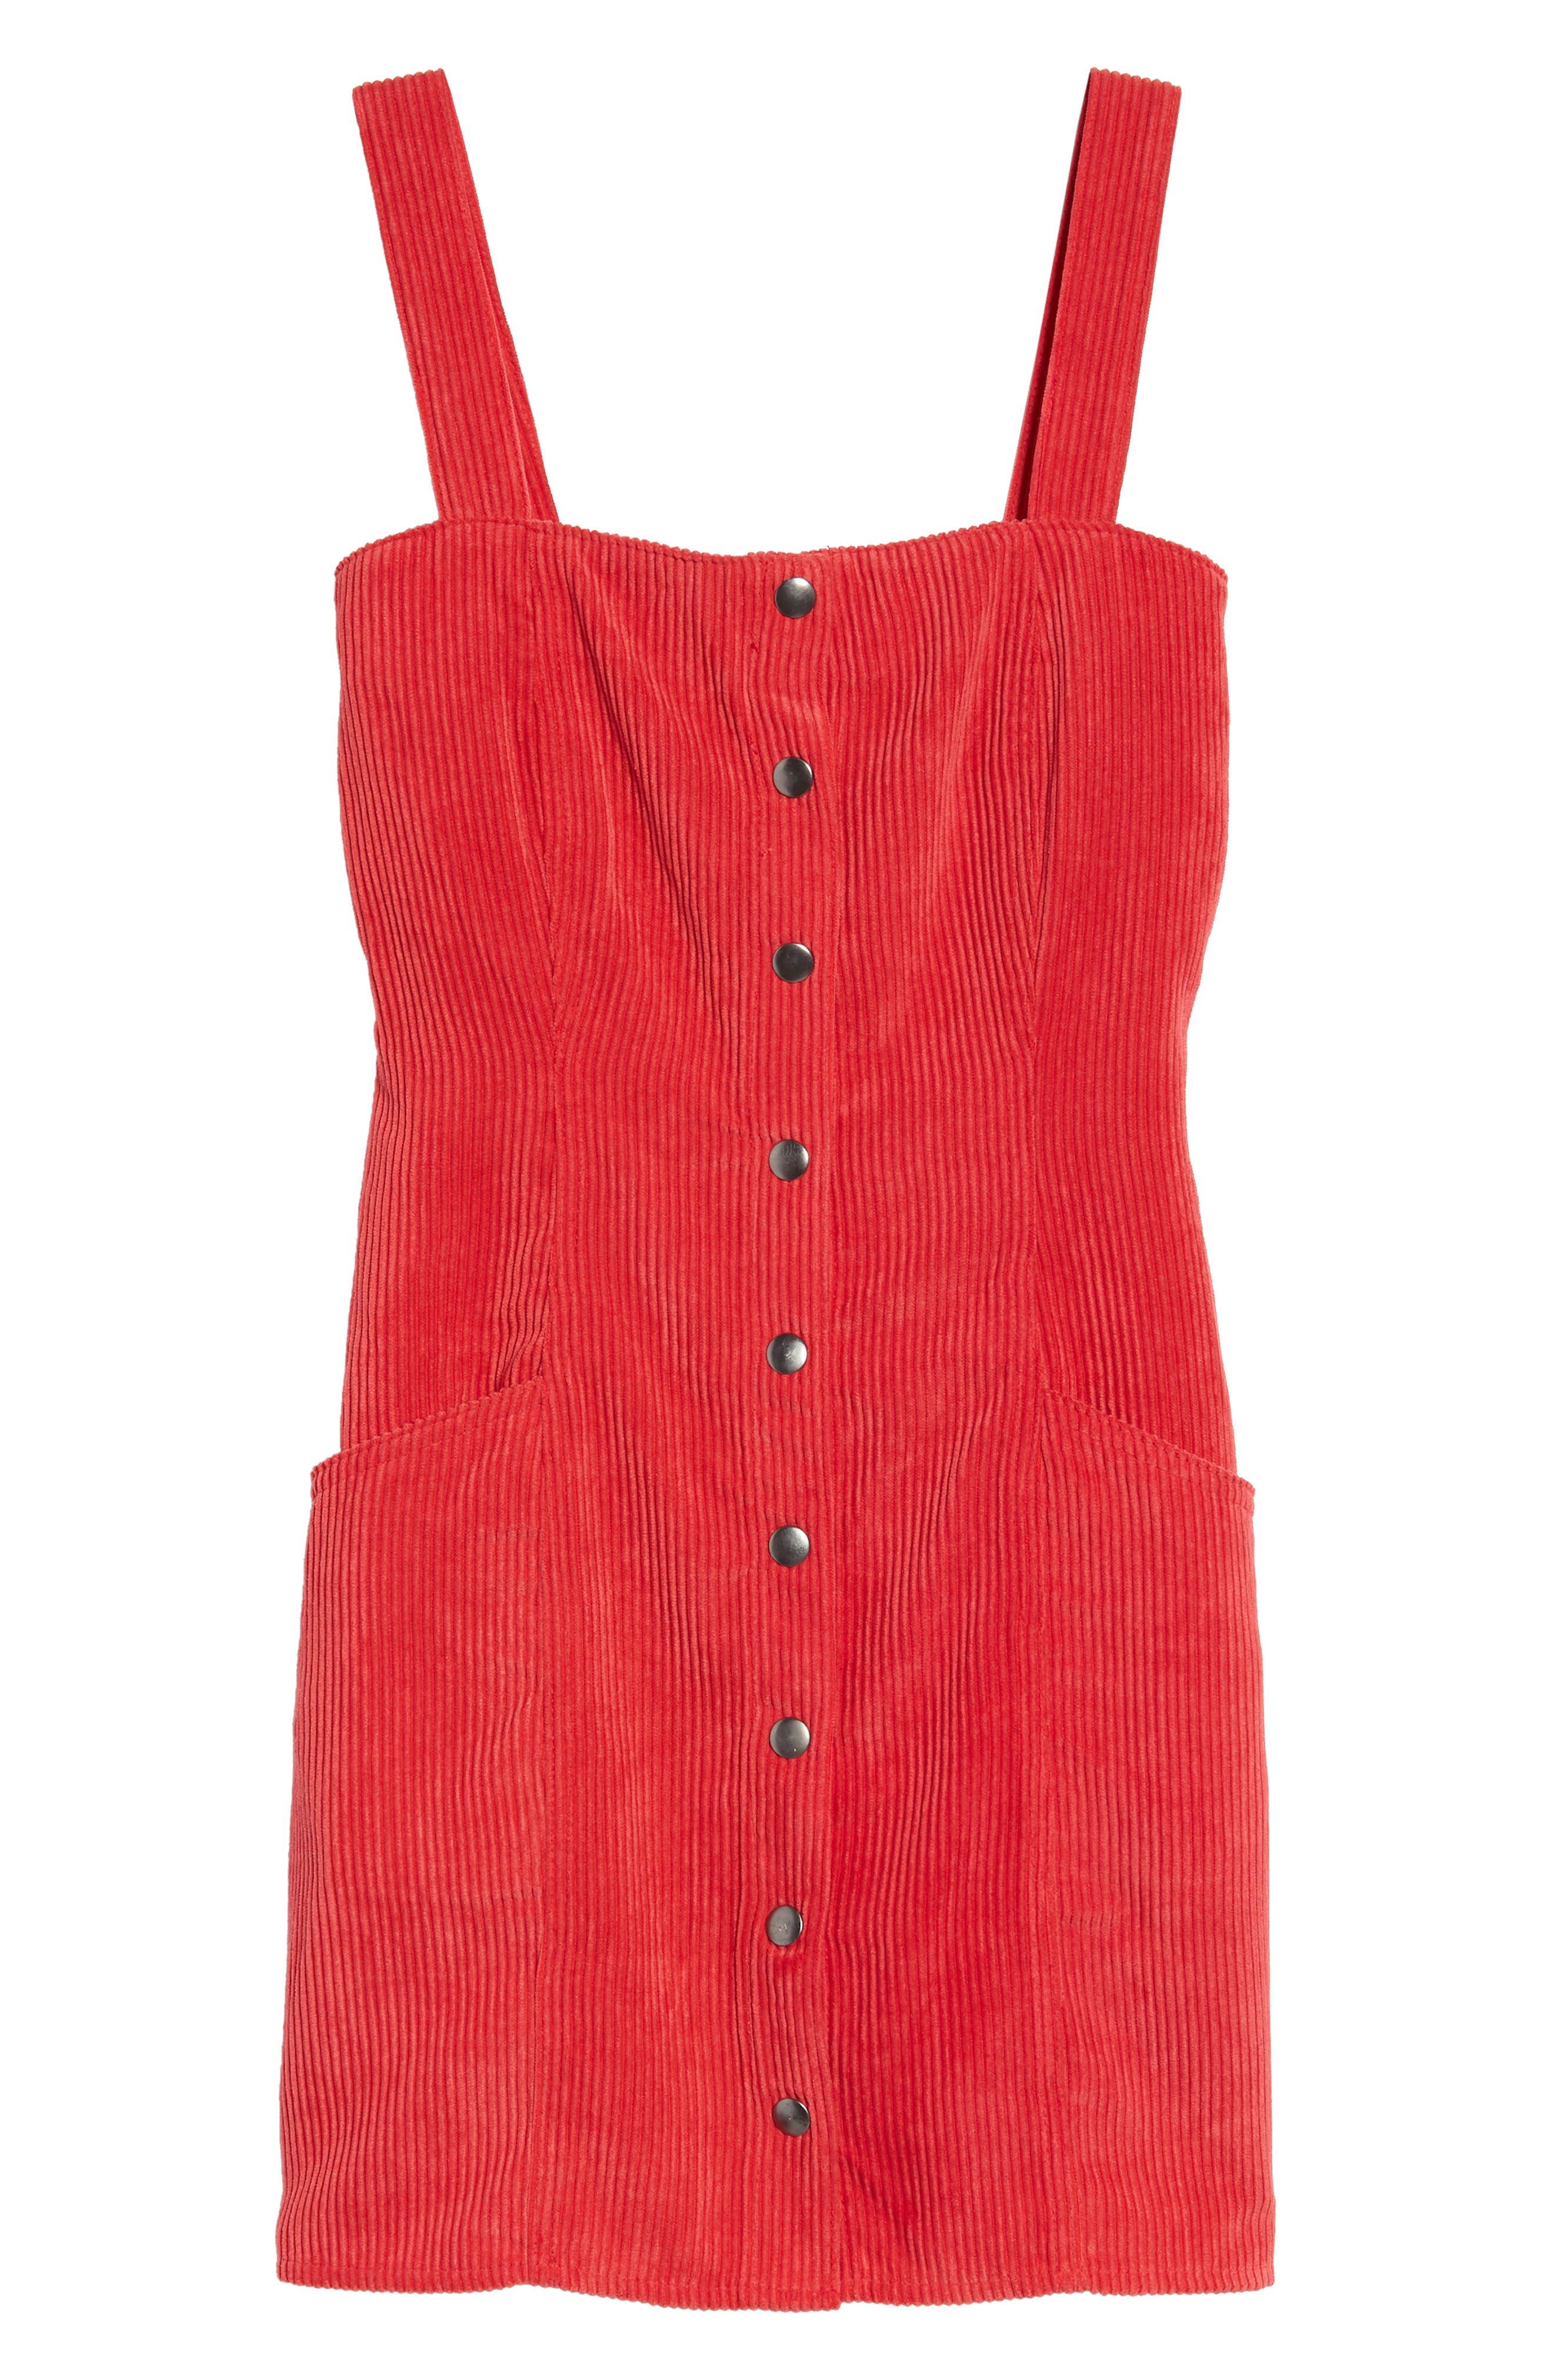 Button Front Corduroy Dress,                             Alternate thumbnail 6, color,                             621